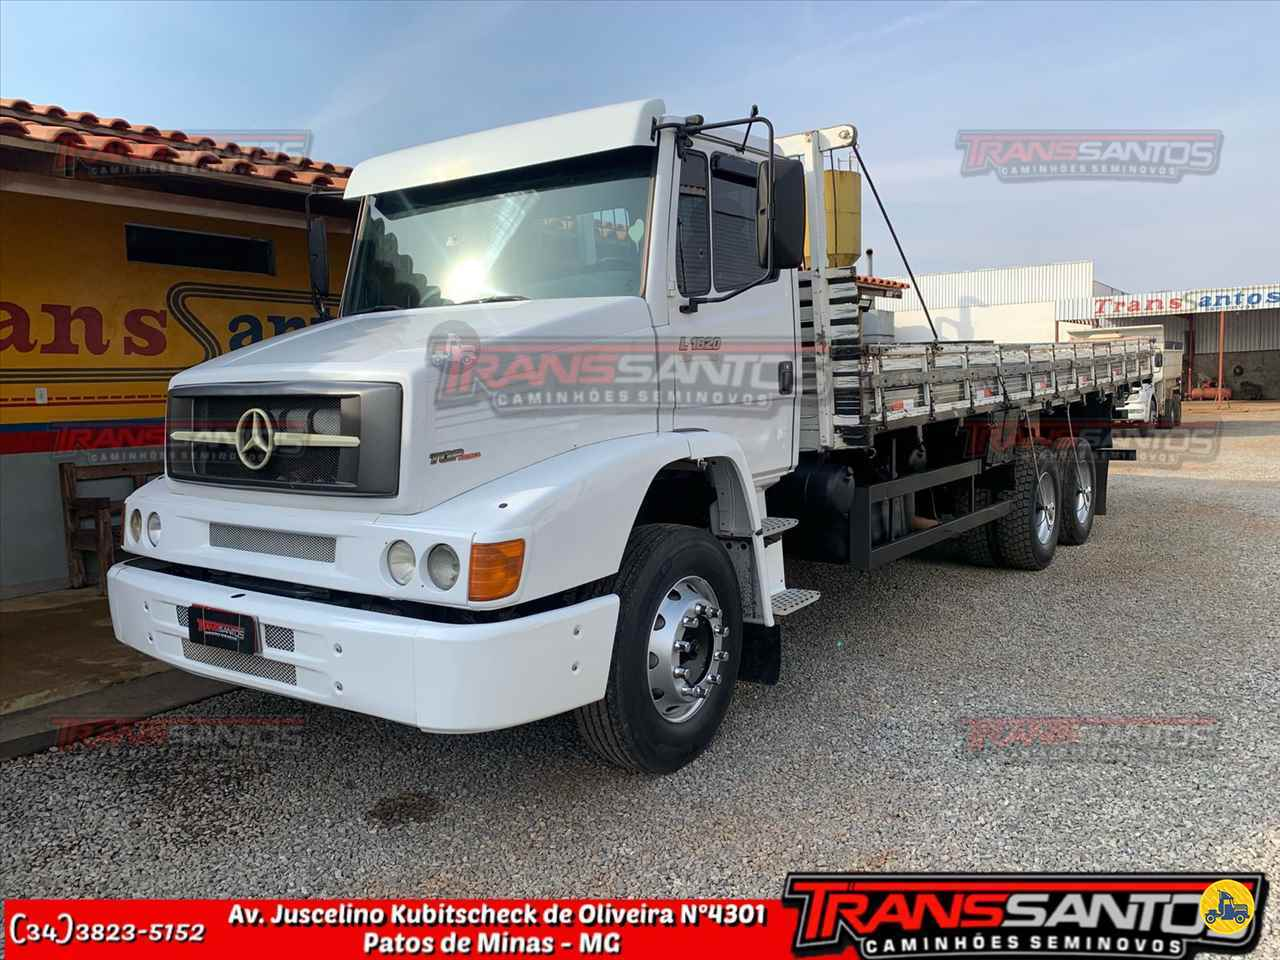 CAMINHAO MERCEDES-BENZ MB 1620 Carga Seca Truck 6x2 TransSantos Seminovos PATOS DE MINAS MINAS GERAIS MG